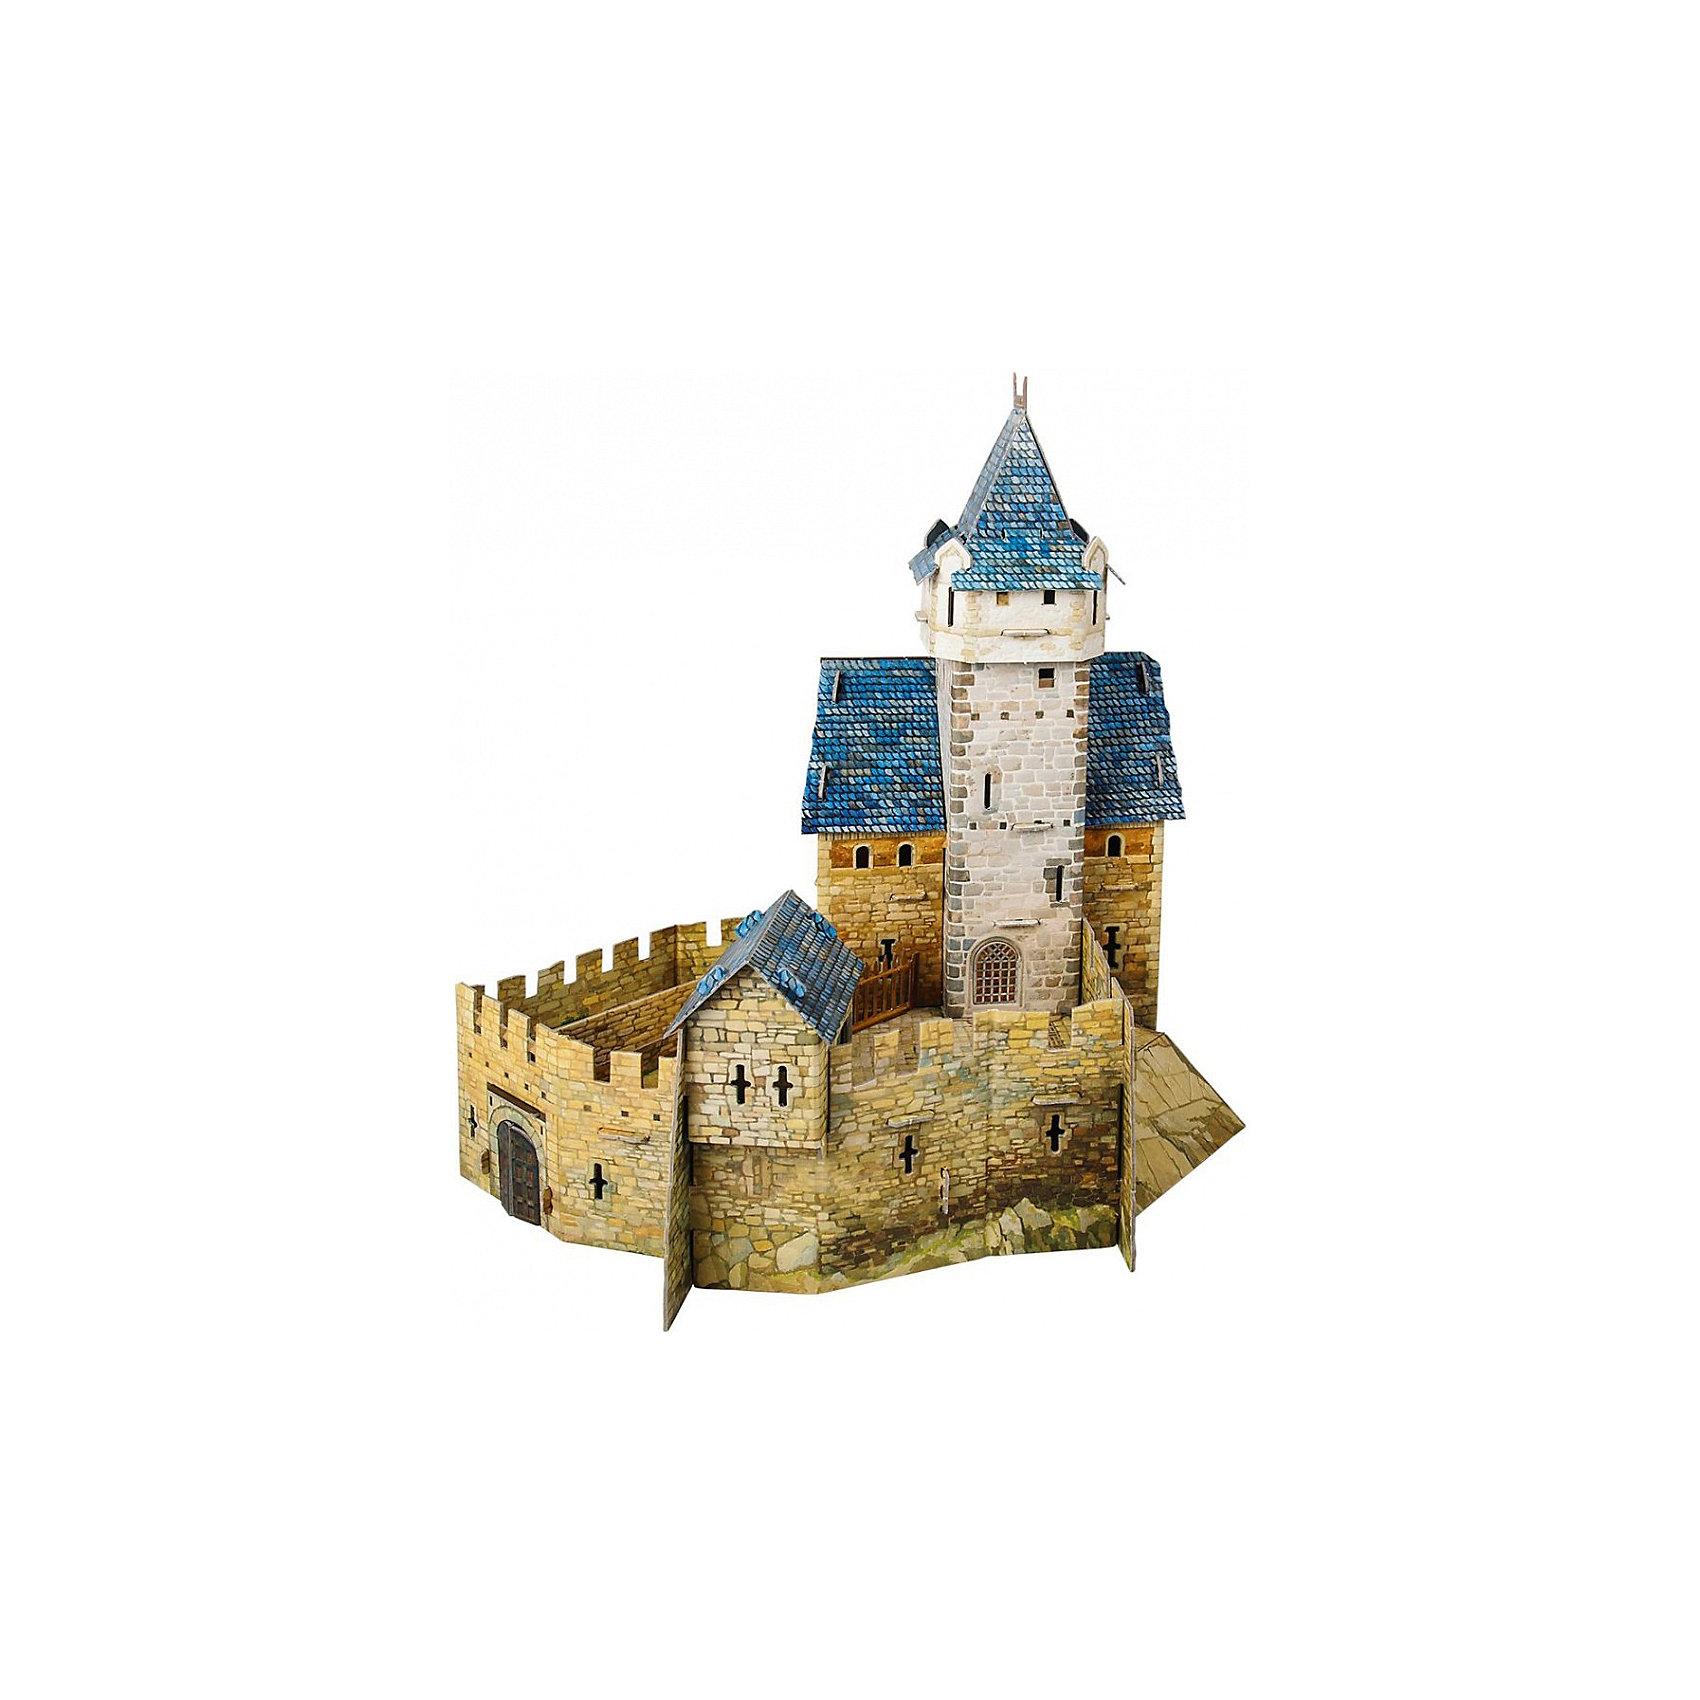 Сборная модель Охотничий замокМодели из картона и бумаги<br>Охотничий замок - Сюжетный игровой набор из плотного картона. Серия: Средневековый город. Количество деталей, шт: 48. Размер в собранном виде, см: 30 х 32 х 24. Размер упаковки, мм.:  высота 368 ширина 252 глубина 23. Тип упаковки: Картонная коробка. Вес, гр.: 614. Возраст: от 7 лет. Все модели и игрушки, созданные по технологии УМНАЯ БУМАГА собираются без ножниц и клея, что является их неповторимой особенностью.<br>Принцип соединения деталей запатентован. Соединения деталей продуманы и просчитаны с такой точностью, что при правильной сборке с моделью можно играть, как с обычной игрушкой.<br><br>Ширина мм: 252<br>Глубина мм: 23<br>Высота мм: 368<br>Вес г: 614<br>Возраст от месяцев: 84<br>Возраст до месяцев: 2147483647<br>Пол: Унисекс<br>Возраст: Детский<br>SKU: 4807433